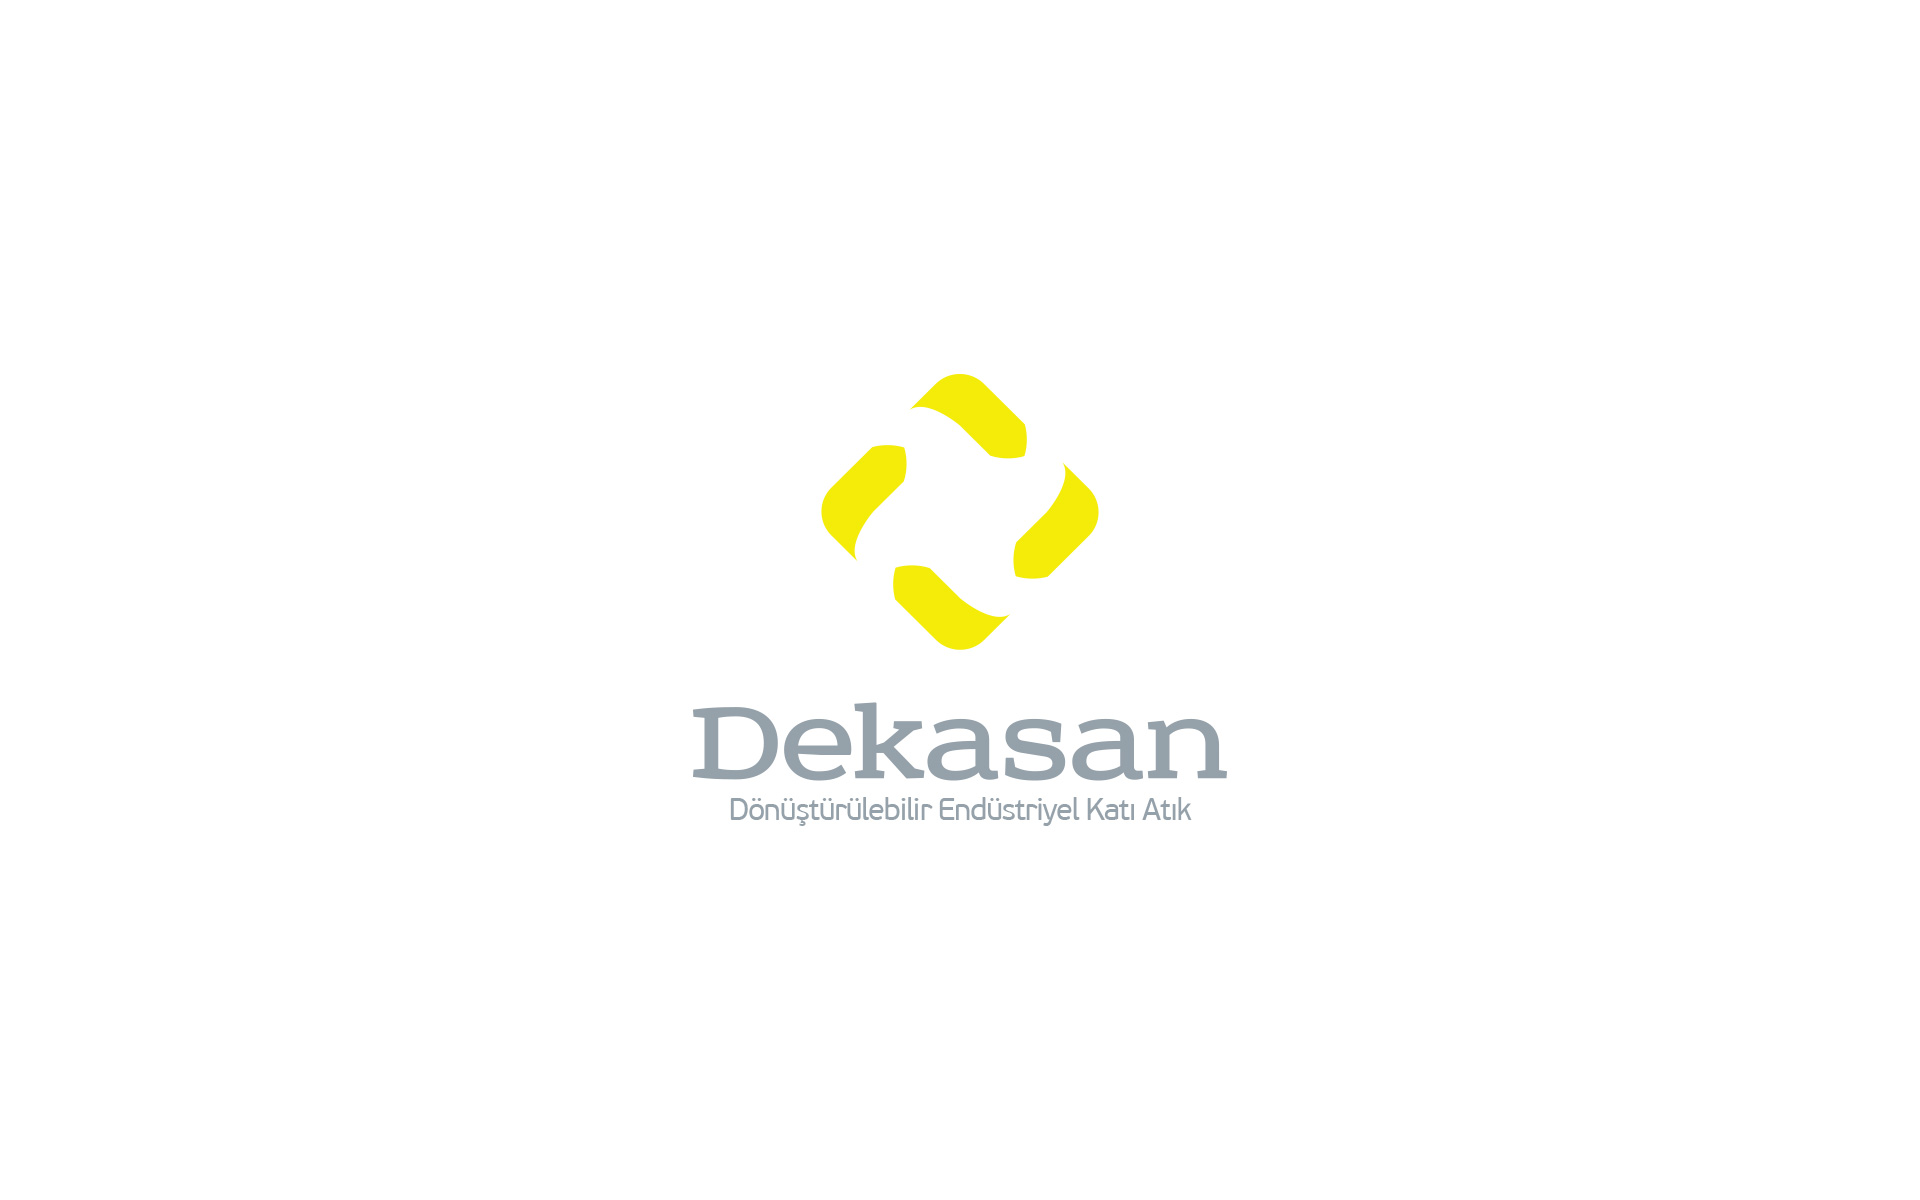 dekasan01